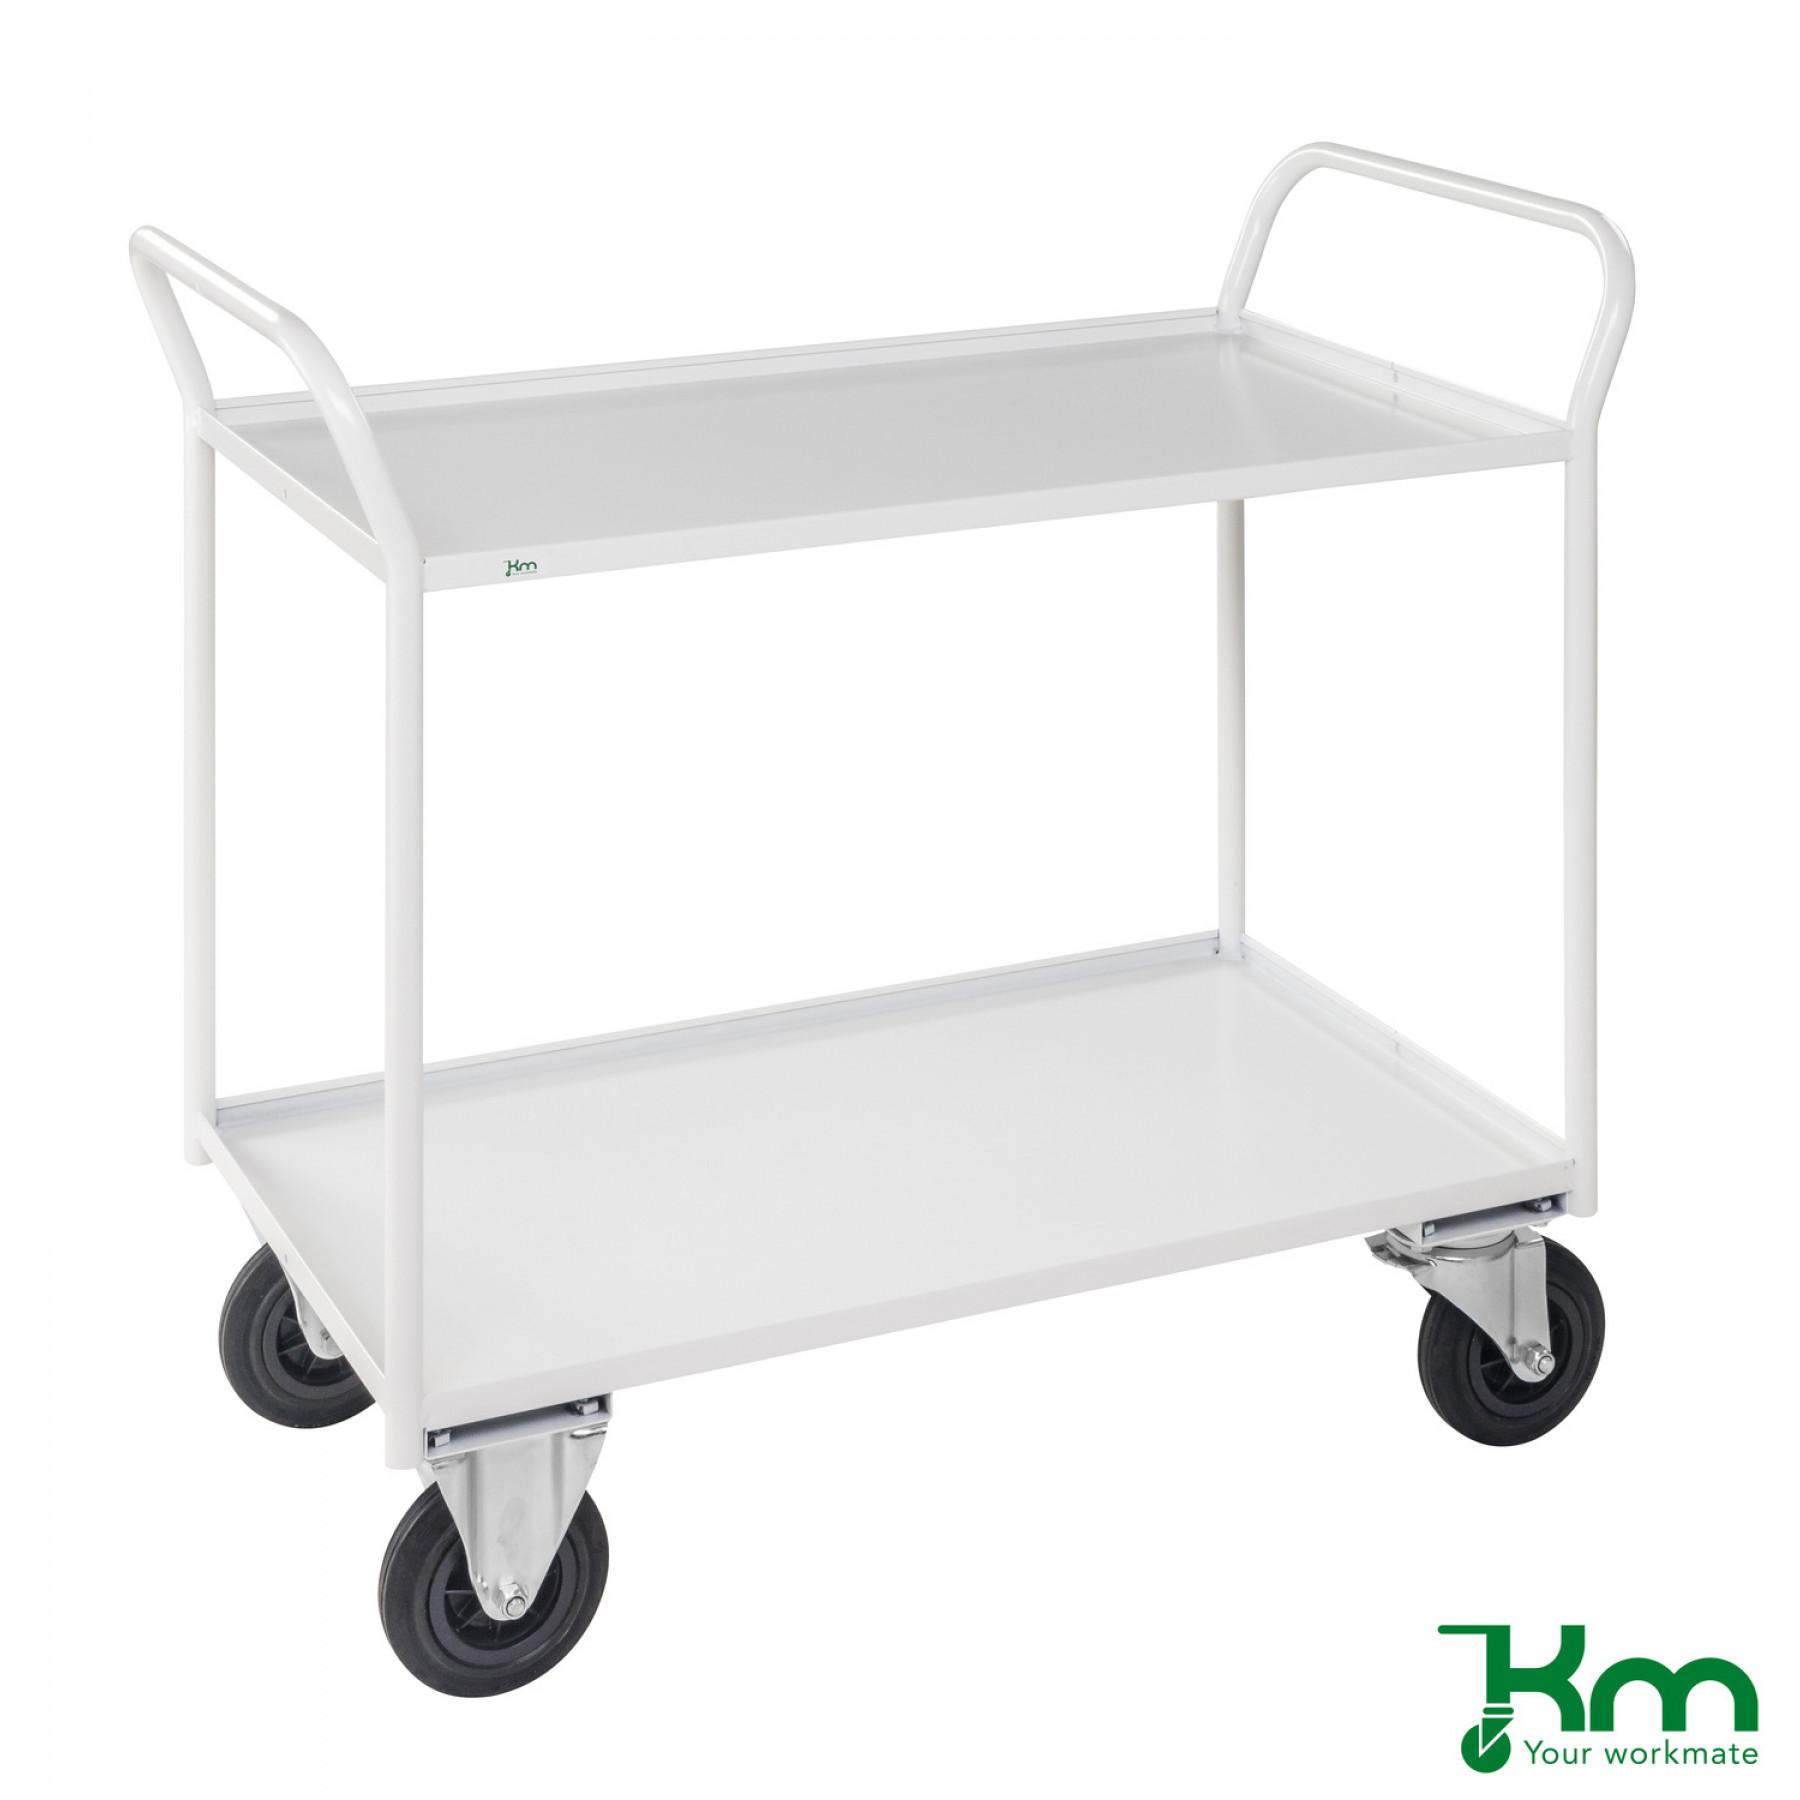 Heavy-duty tafelwagen 1080x450 mm, KM 4133B